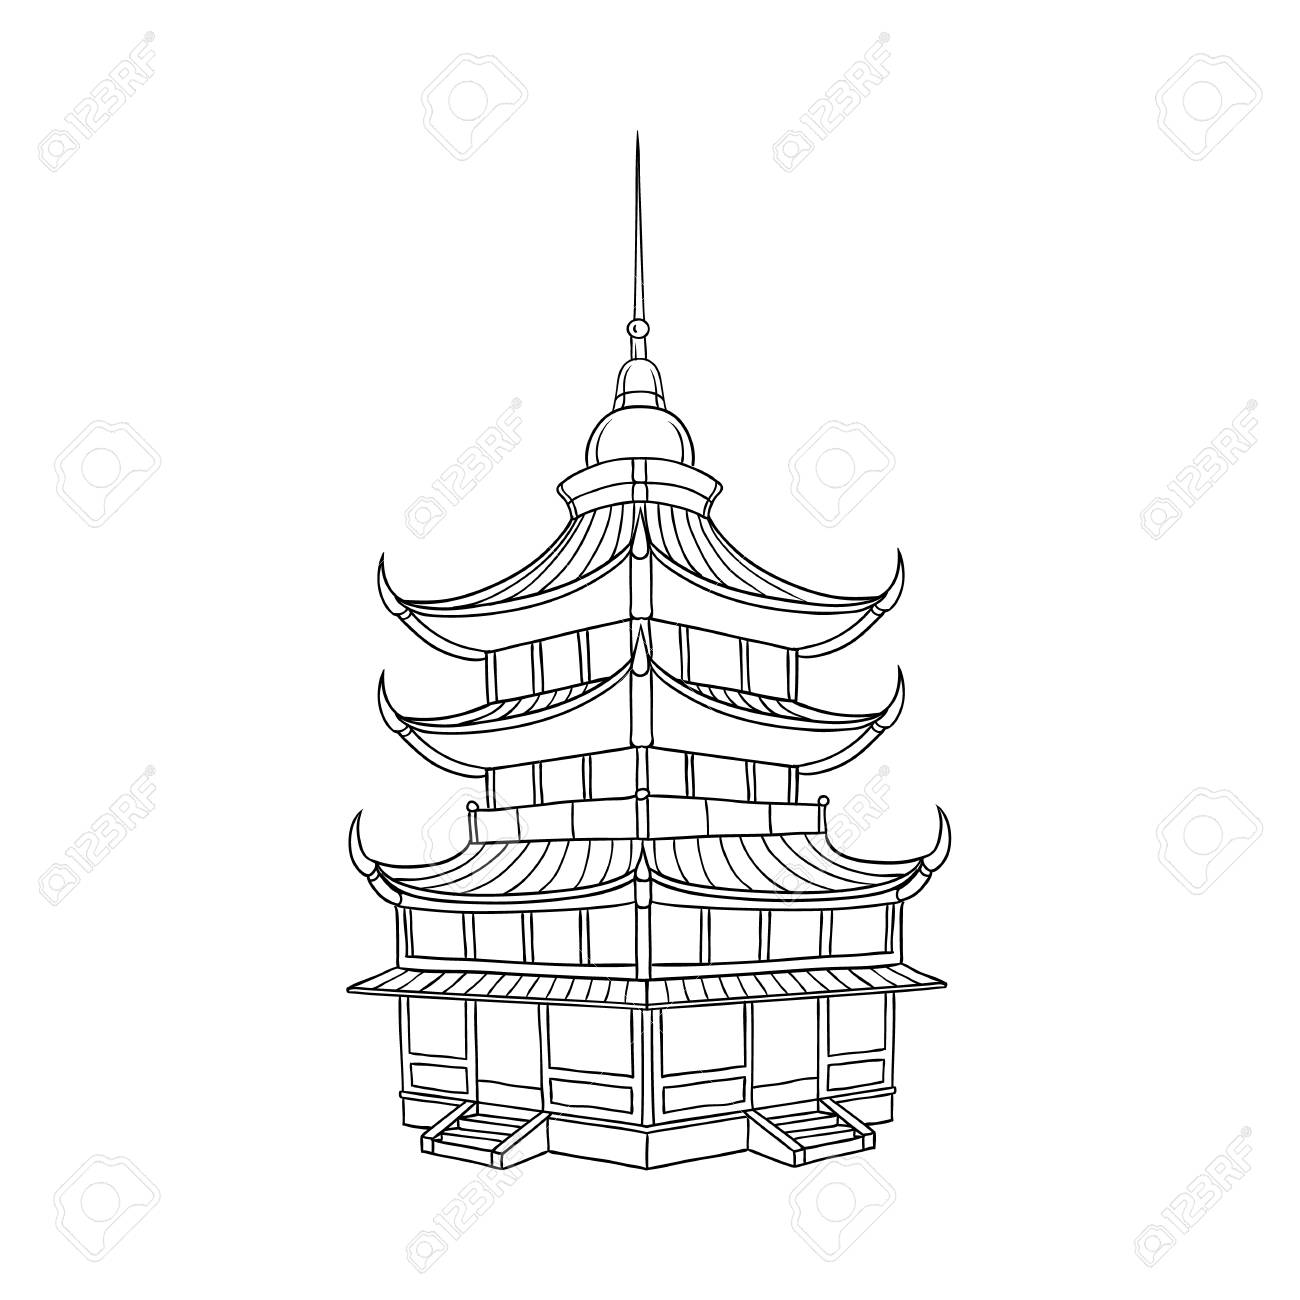 Plan Maison Traditionnelle Japonaise bâtiment de pagode asiatique traditionnelle japonaise, chinoise, asiatique,  illustration vectorielle de style plat isolée sur fond blanc. bâtiment